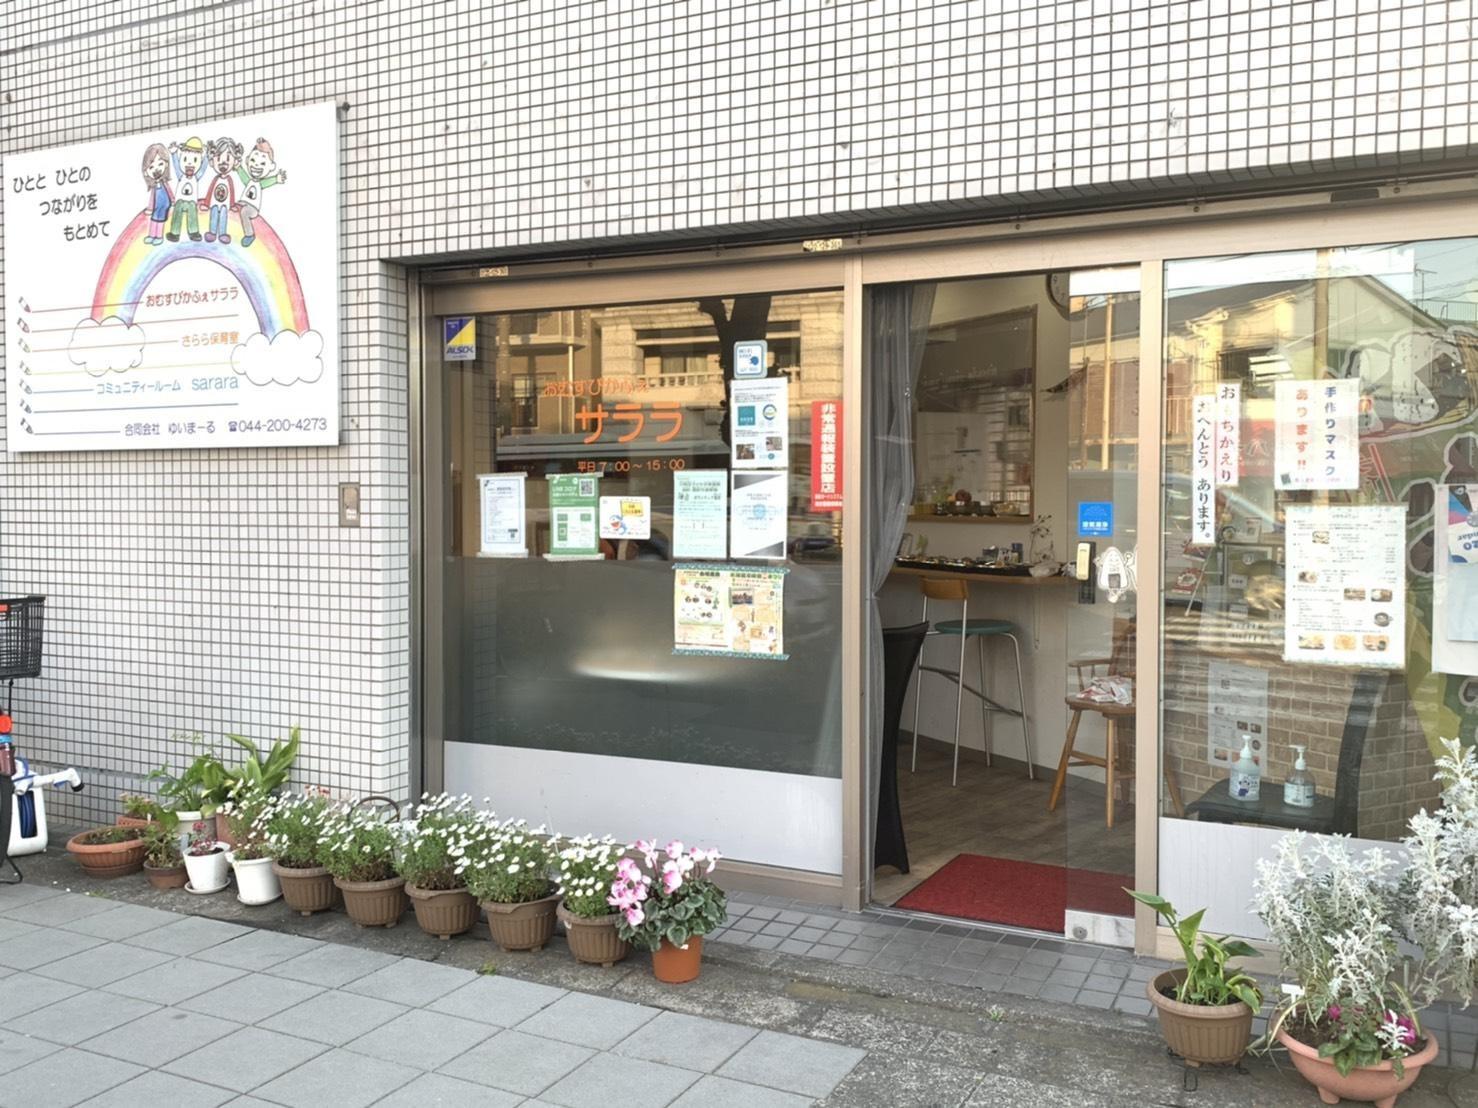 川崎区浜町の小さなカフェ「おむすびかふぇサララ」。サララは韓国語で「生きなさい」という意味の言葉